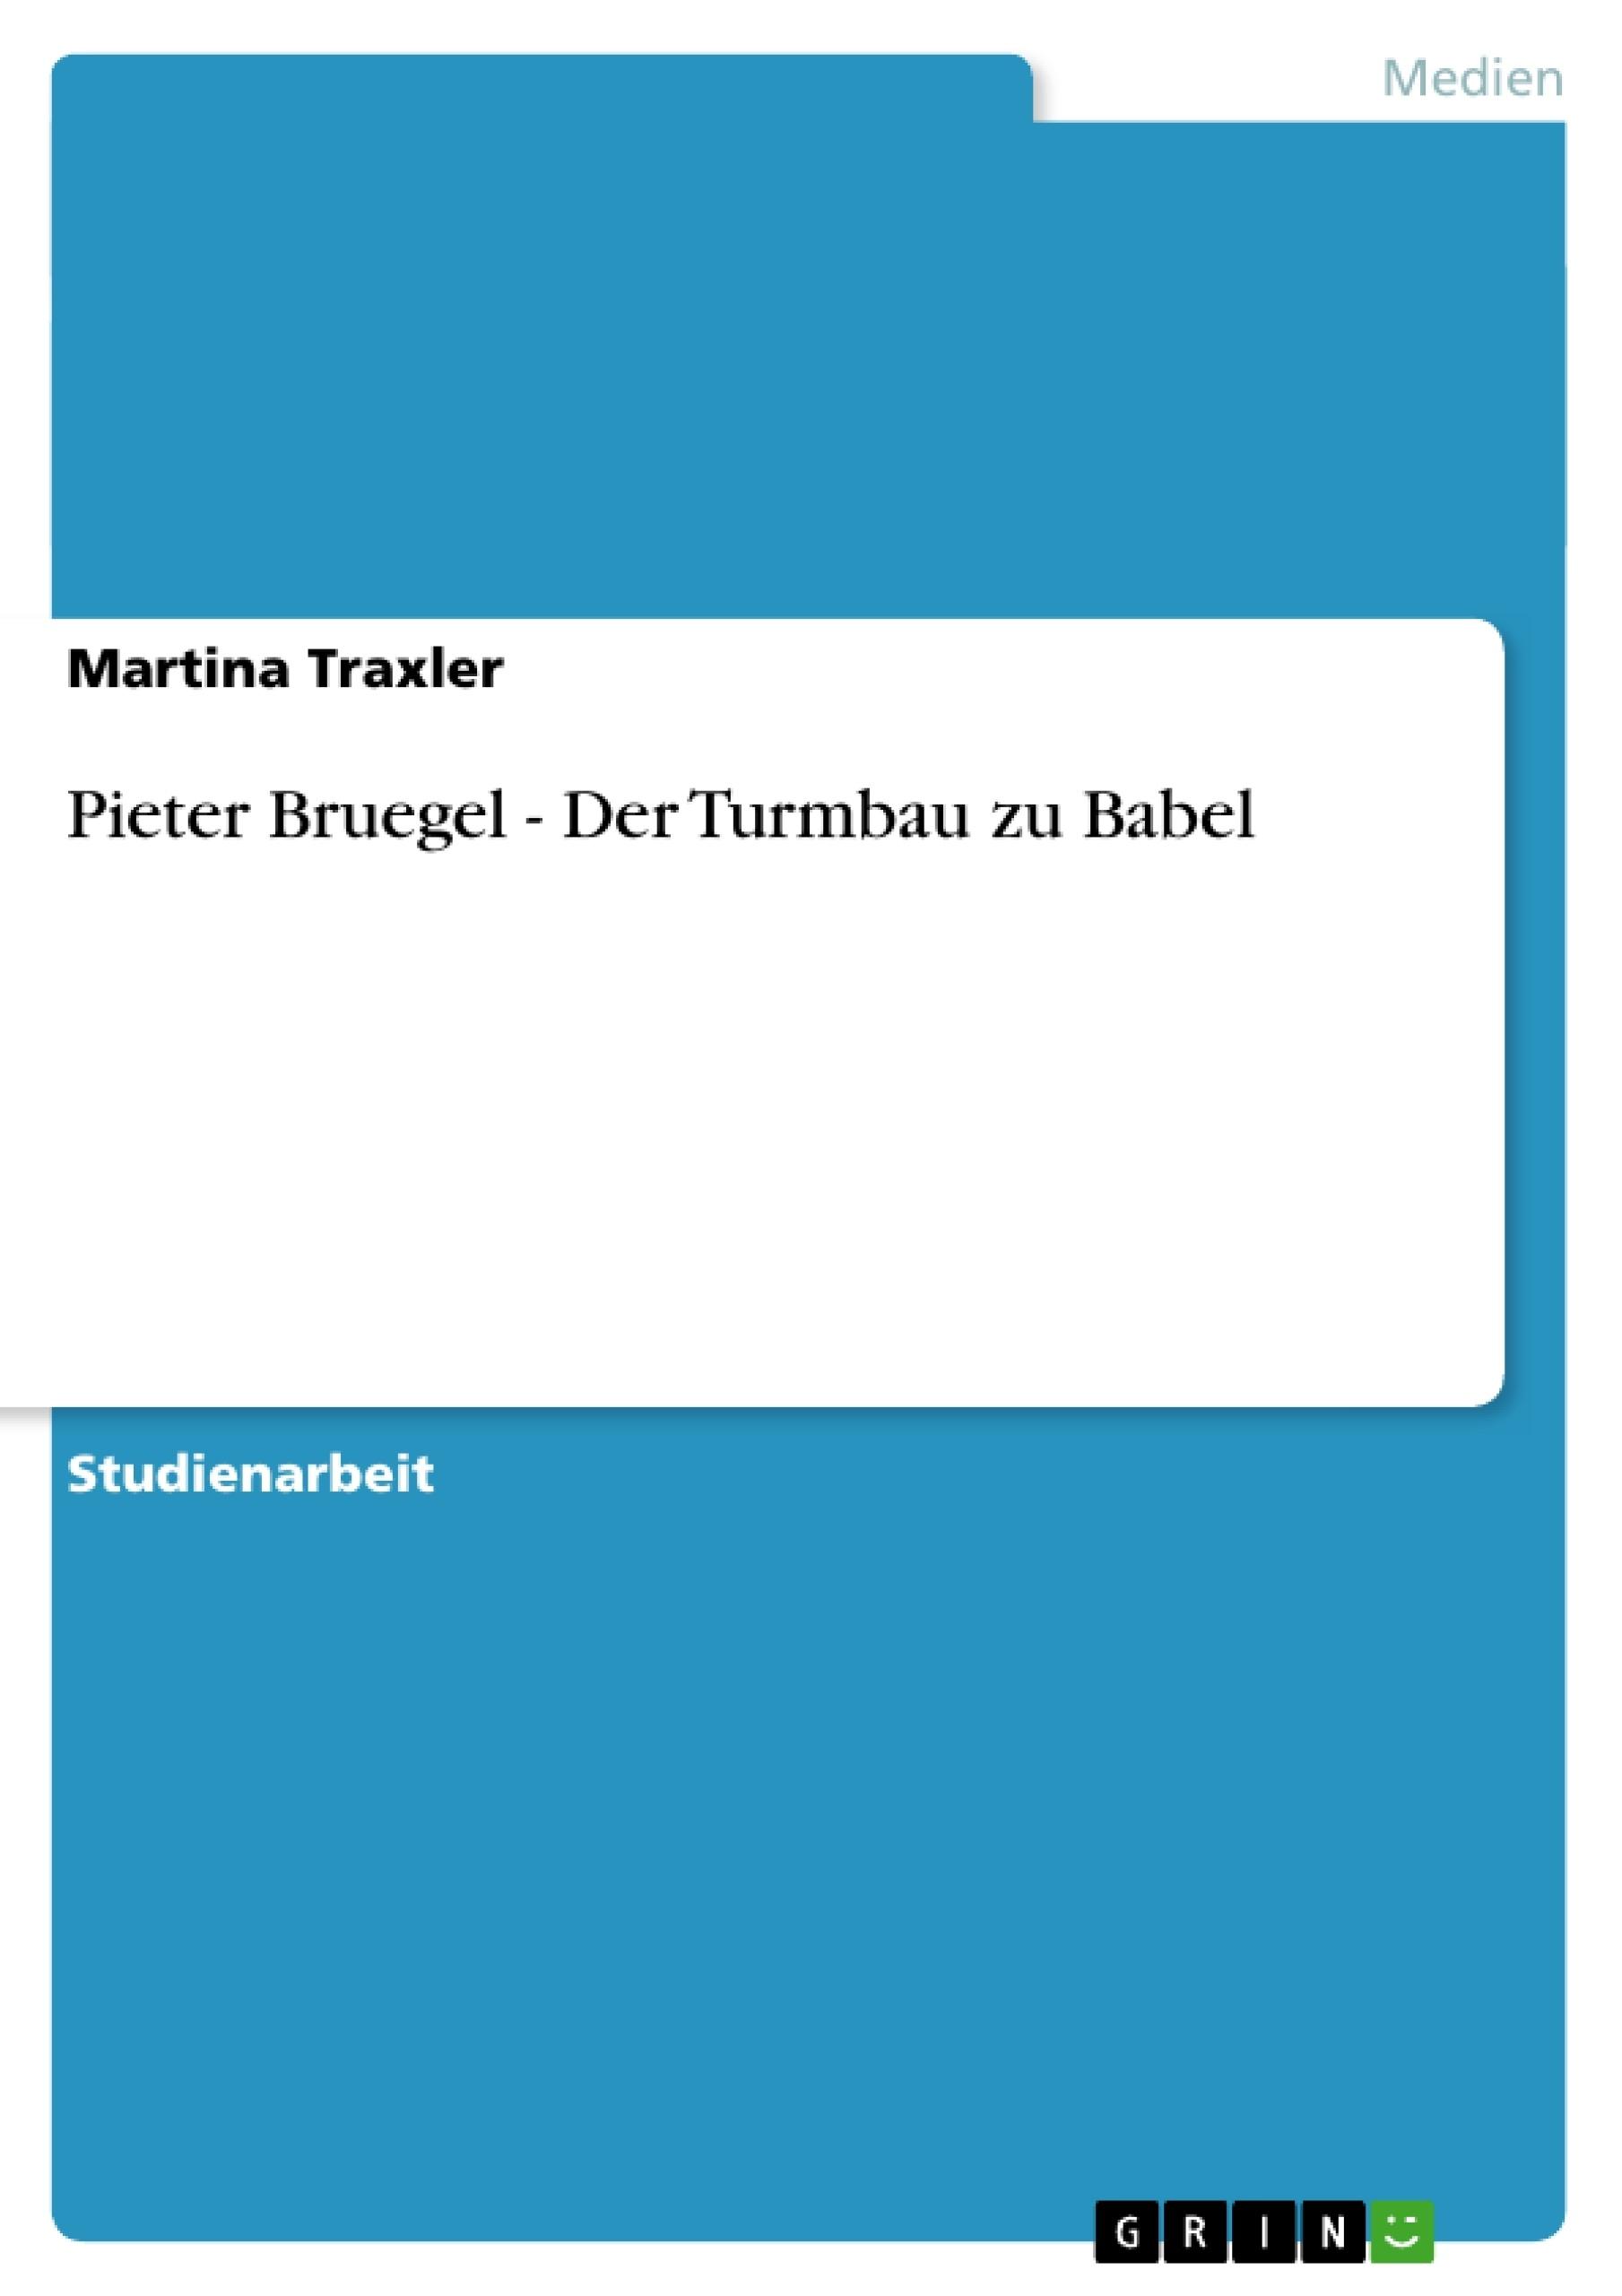 Titel: Pieter Bruegel - Der Turmbau zu Babel